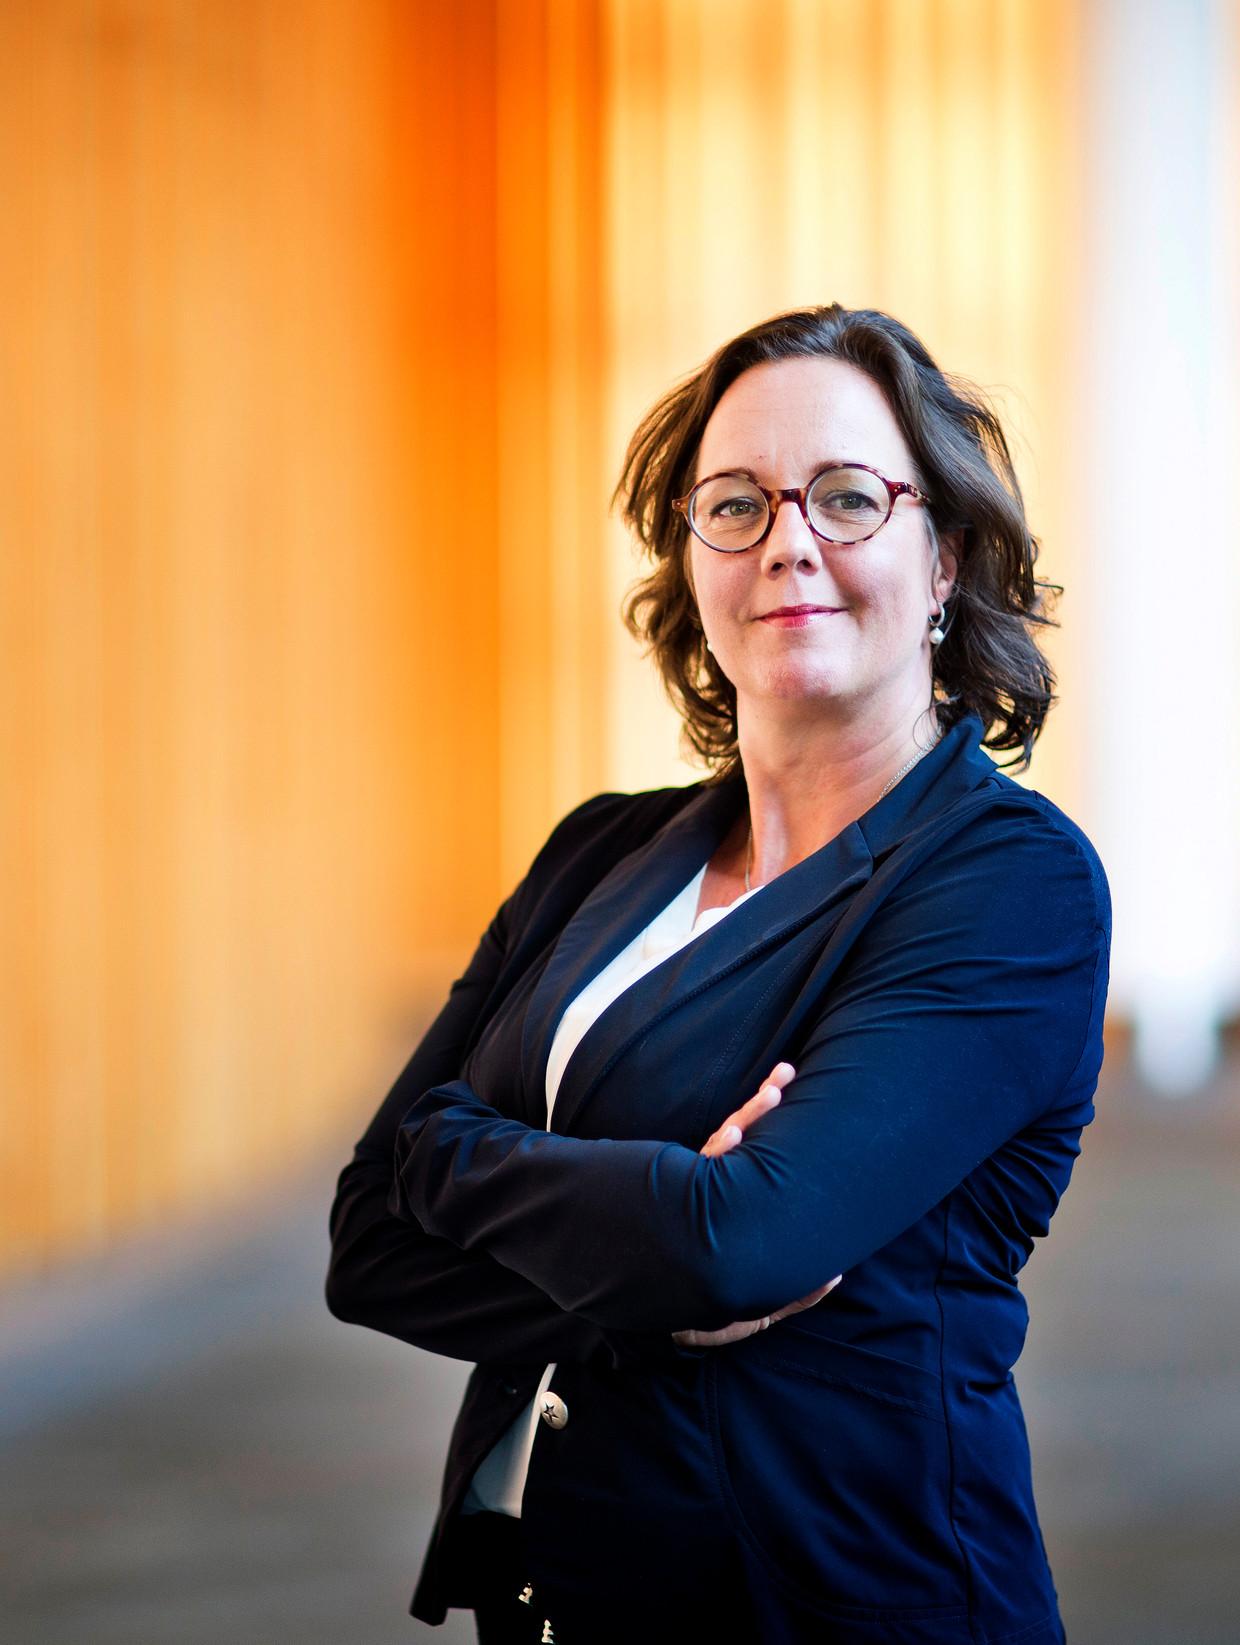 Tamara van Ark, VVD-staatssecretaris van Sociale Zaken: 'We moeten iedereen een plekje geven.'